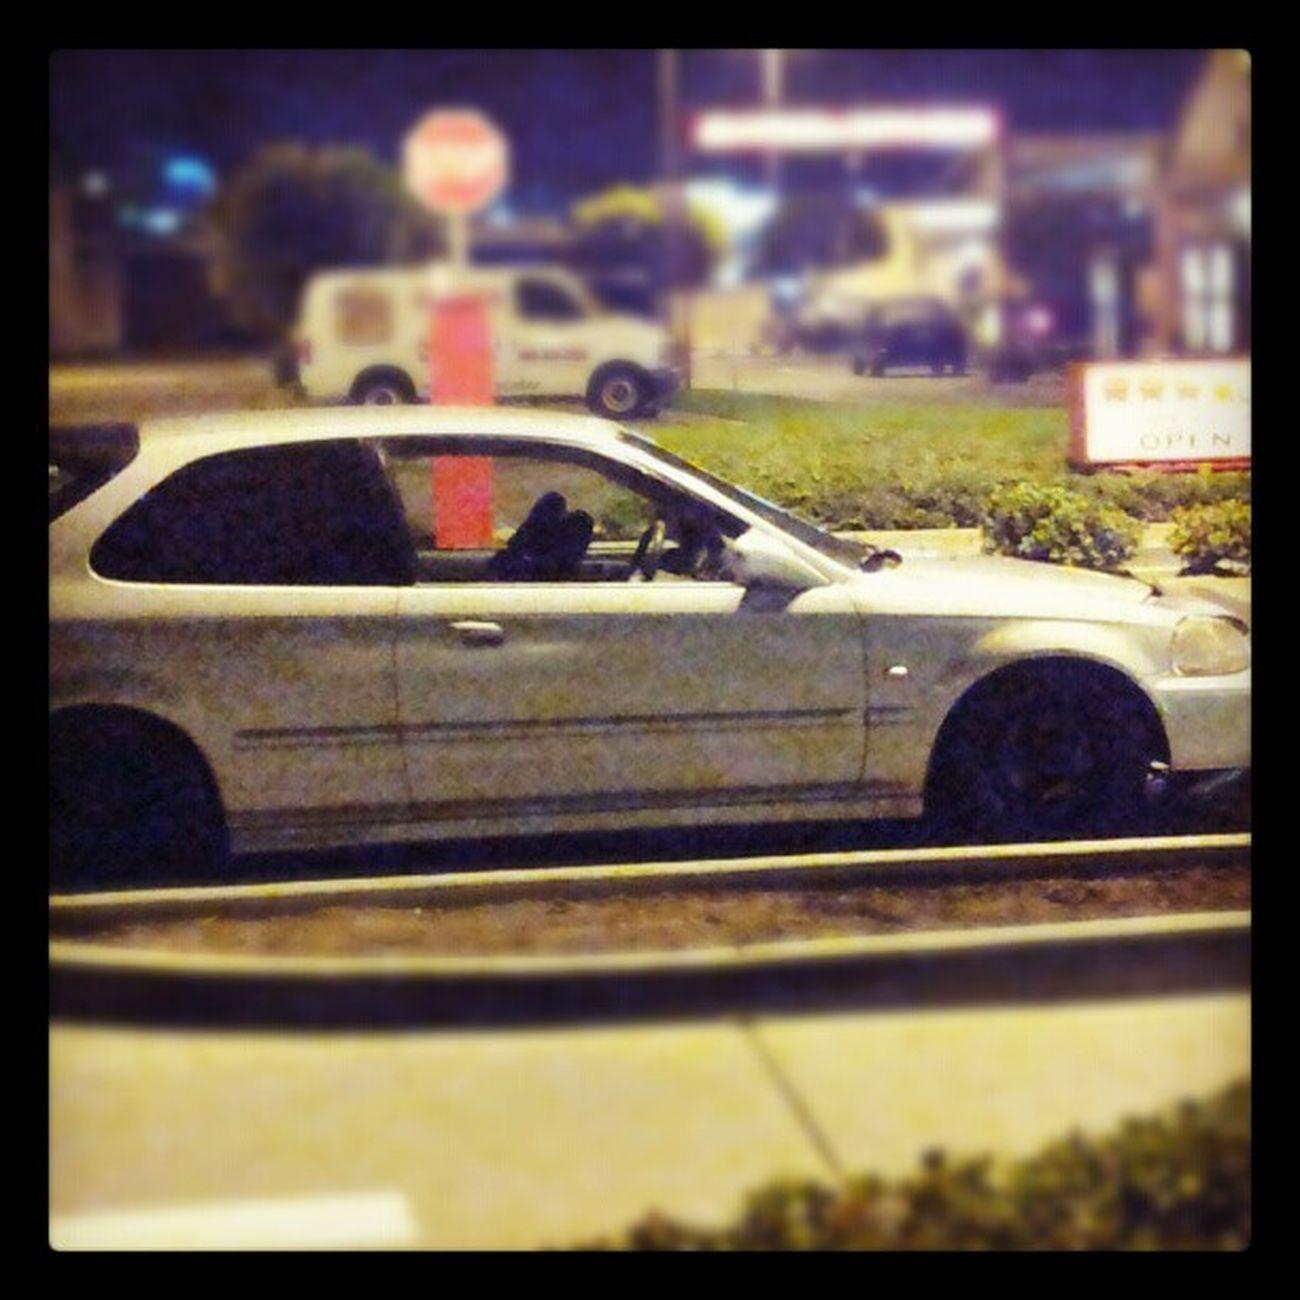 Dope @$$ EG Honda Hachie Smashed Jdmyo hellaflushsick